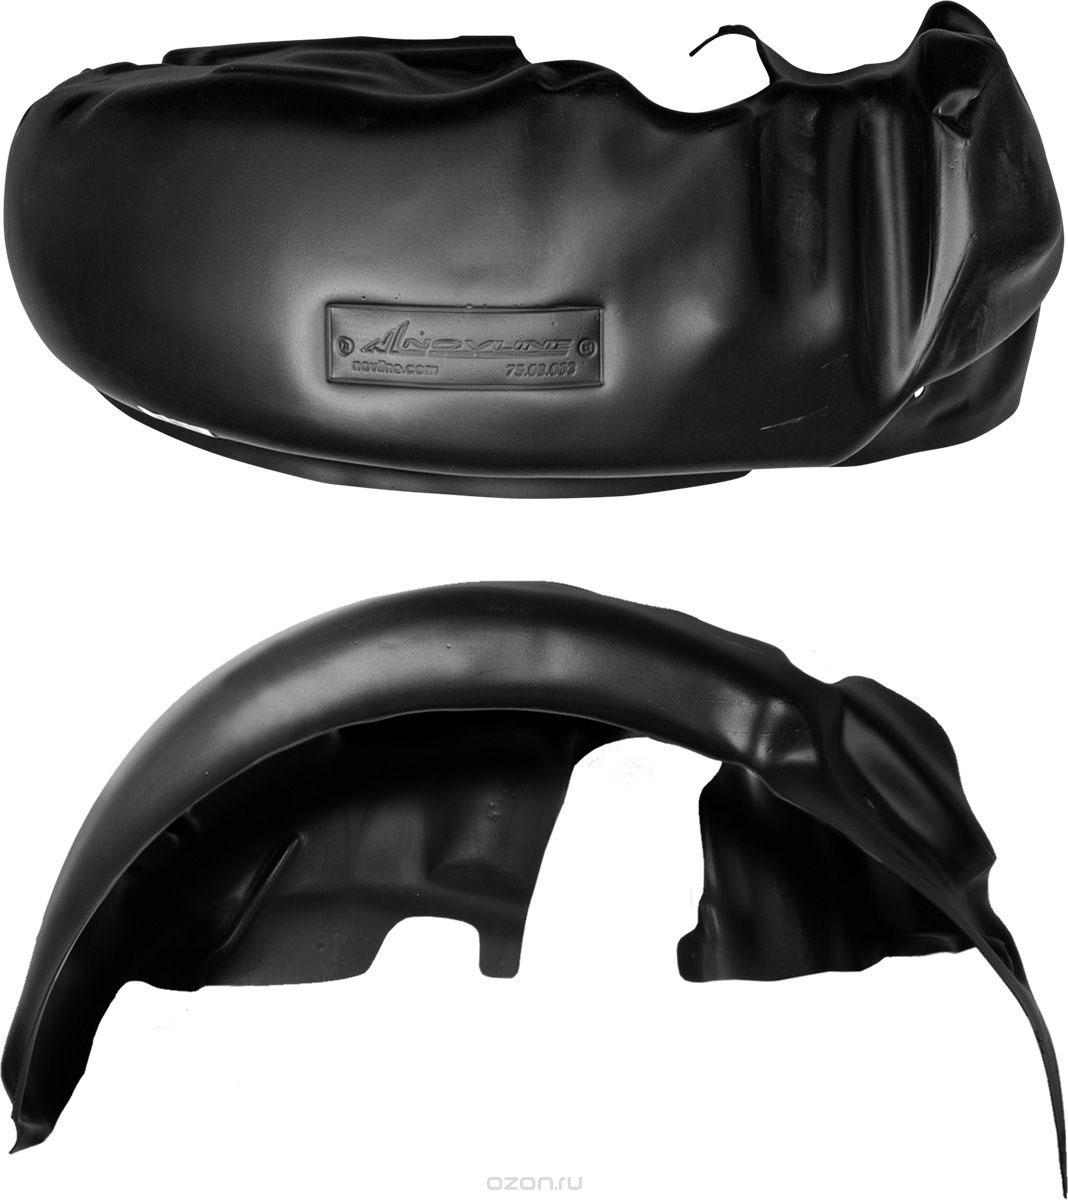 Подкрылок Novline-Autofamily, для Acura RDX, 2014->, задний правыйNLL.01.01.004Идеальная защита колесной ниши. Локеры разработаны с применением цифровых технологий, гарантируют максимальную повторяемость поверхности арки. Изделия устанавливаются без нарушения лакокрасочного покрытия автомобиля, каждый подкрылок комплектуется крепежом. Уважаемые клиенты, обращаем ваше внимание, что фотографии на подкрылки универсальные и не отражают реальную форму изделия. При этом само изделие идет точно под размер указанного автомобиля.